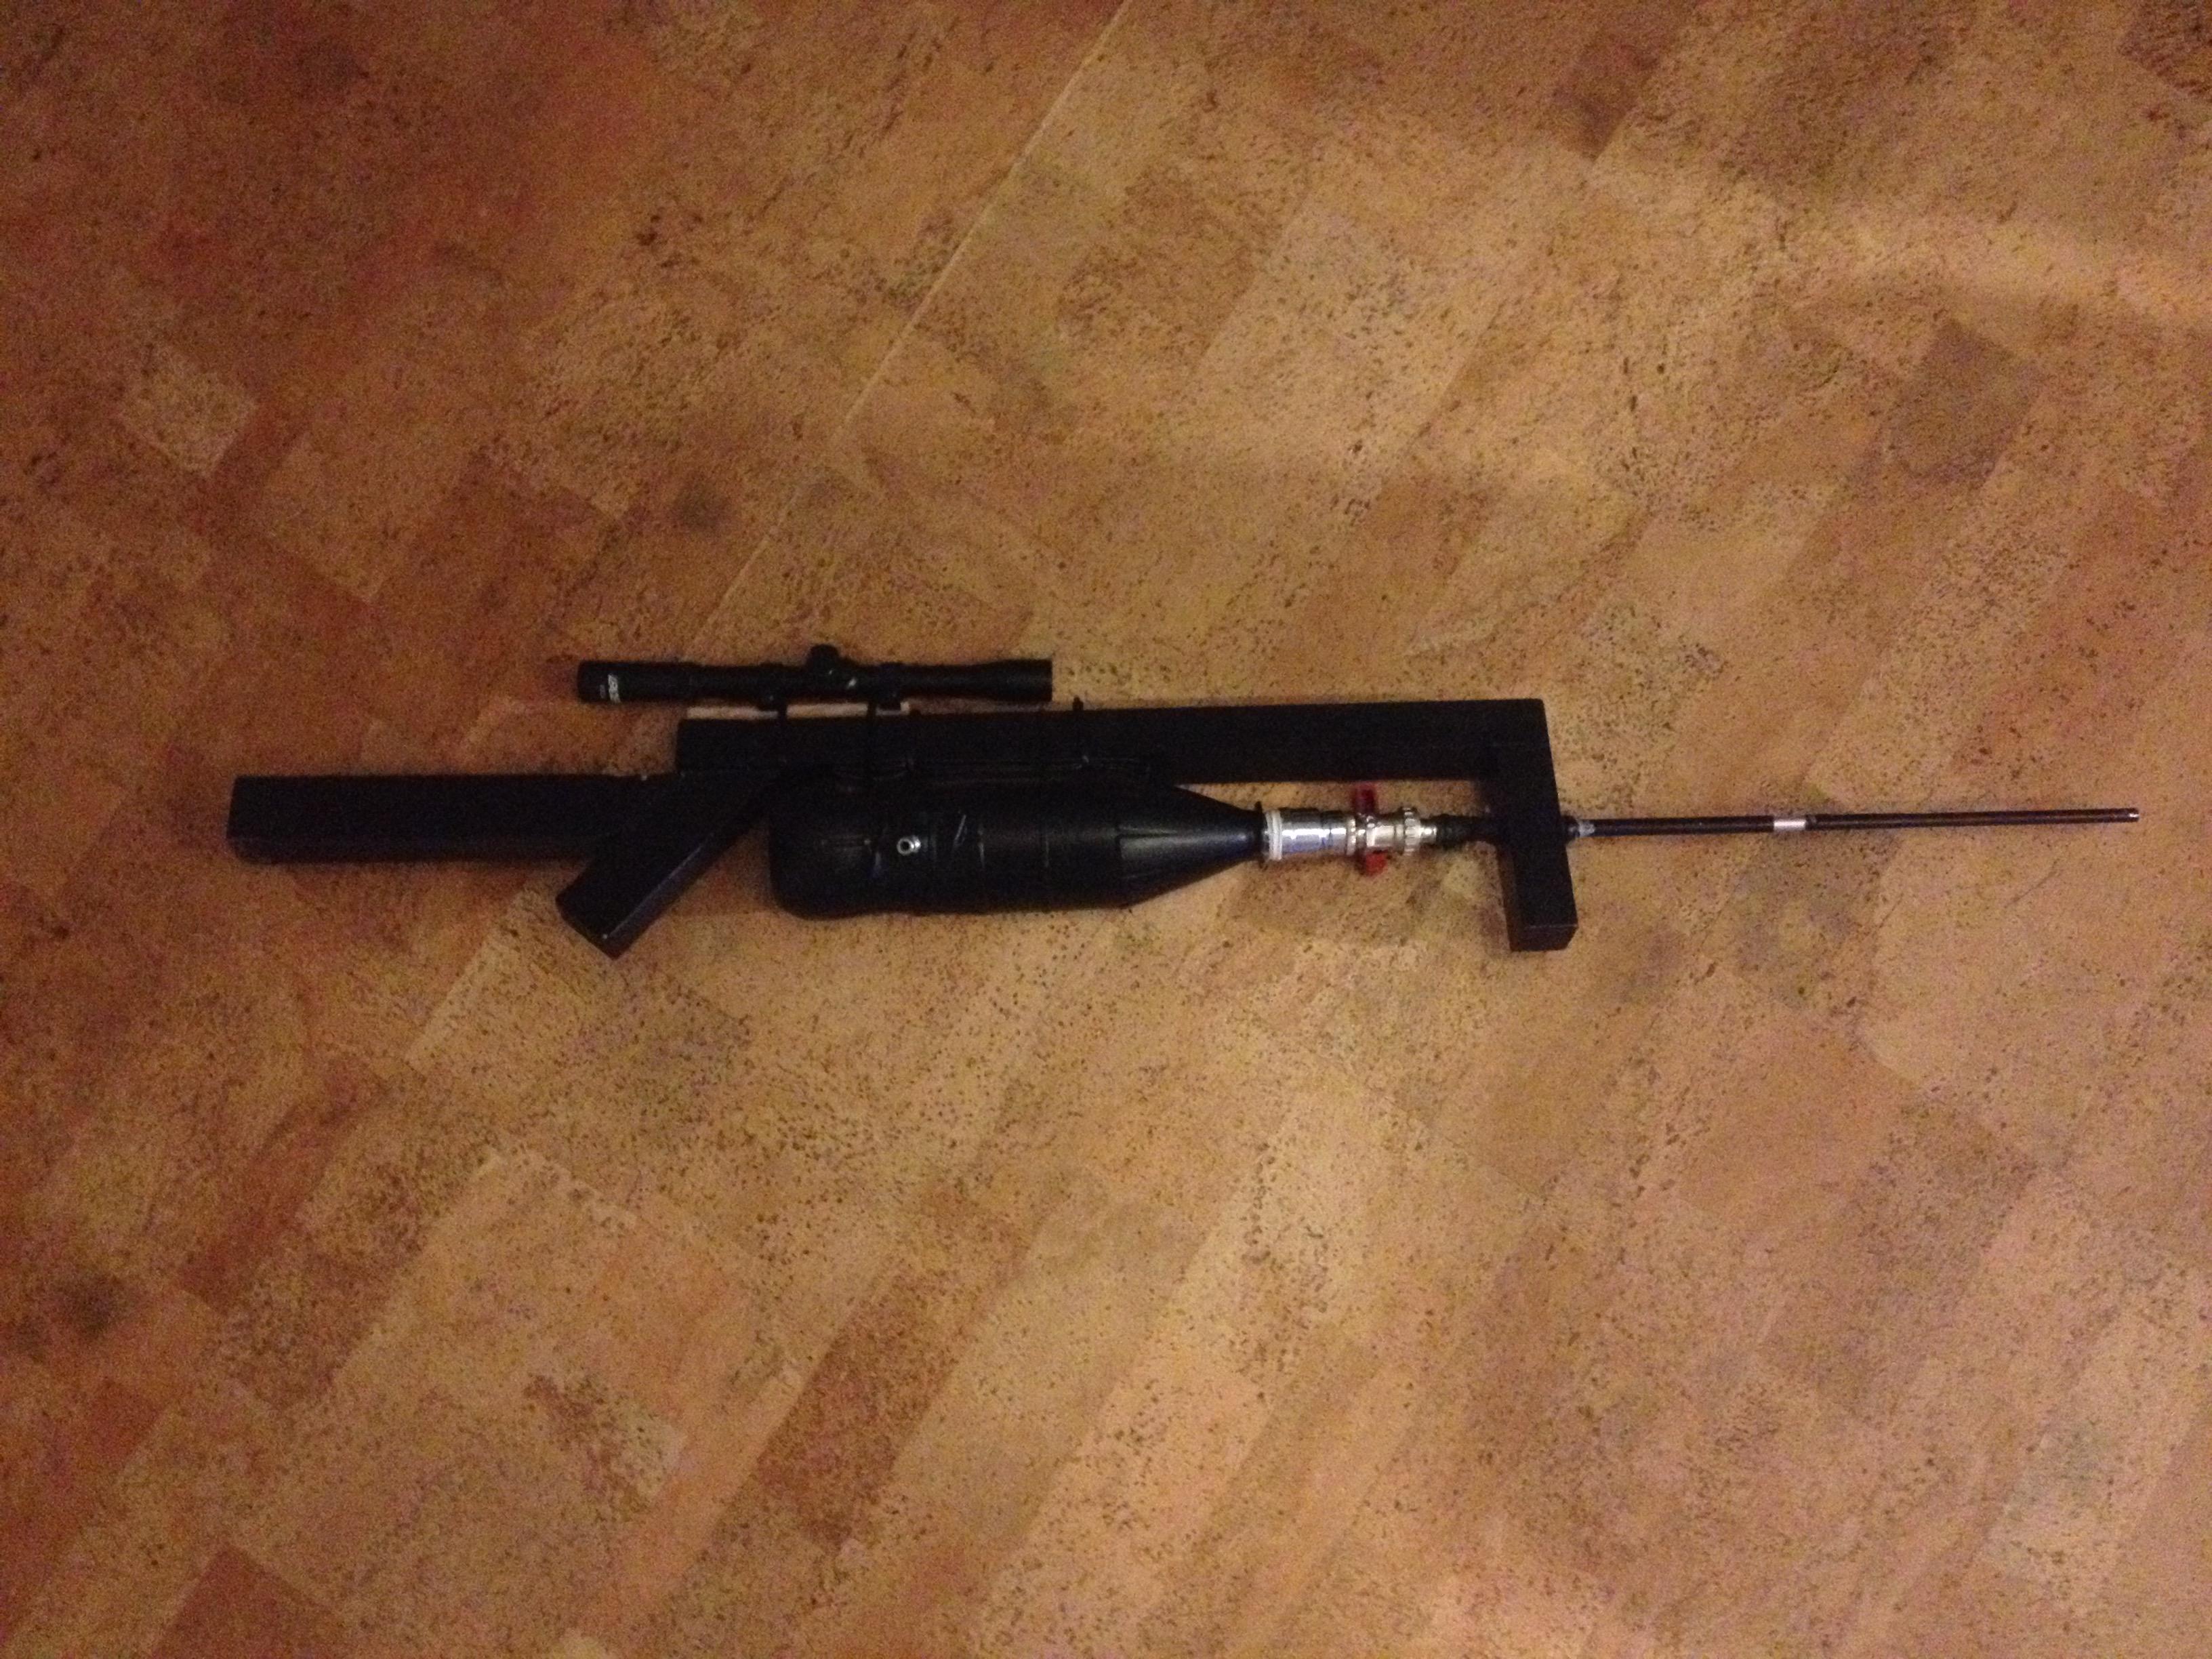 wieviel joule mit 8 bar luftdruck druck luftgewehr. Black Bedroom Furniture Sets. Home Design Ideas